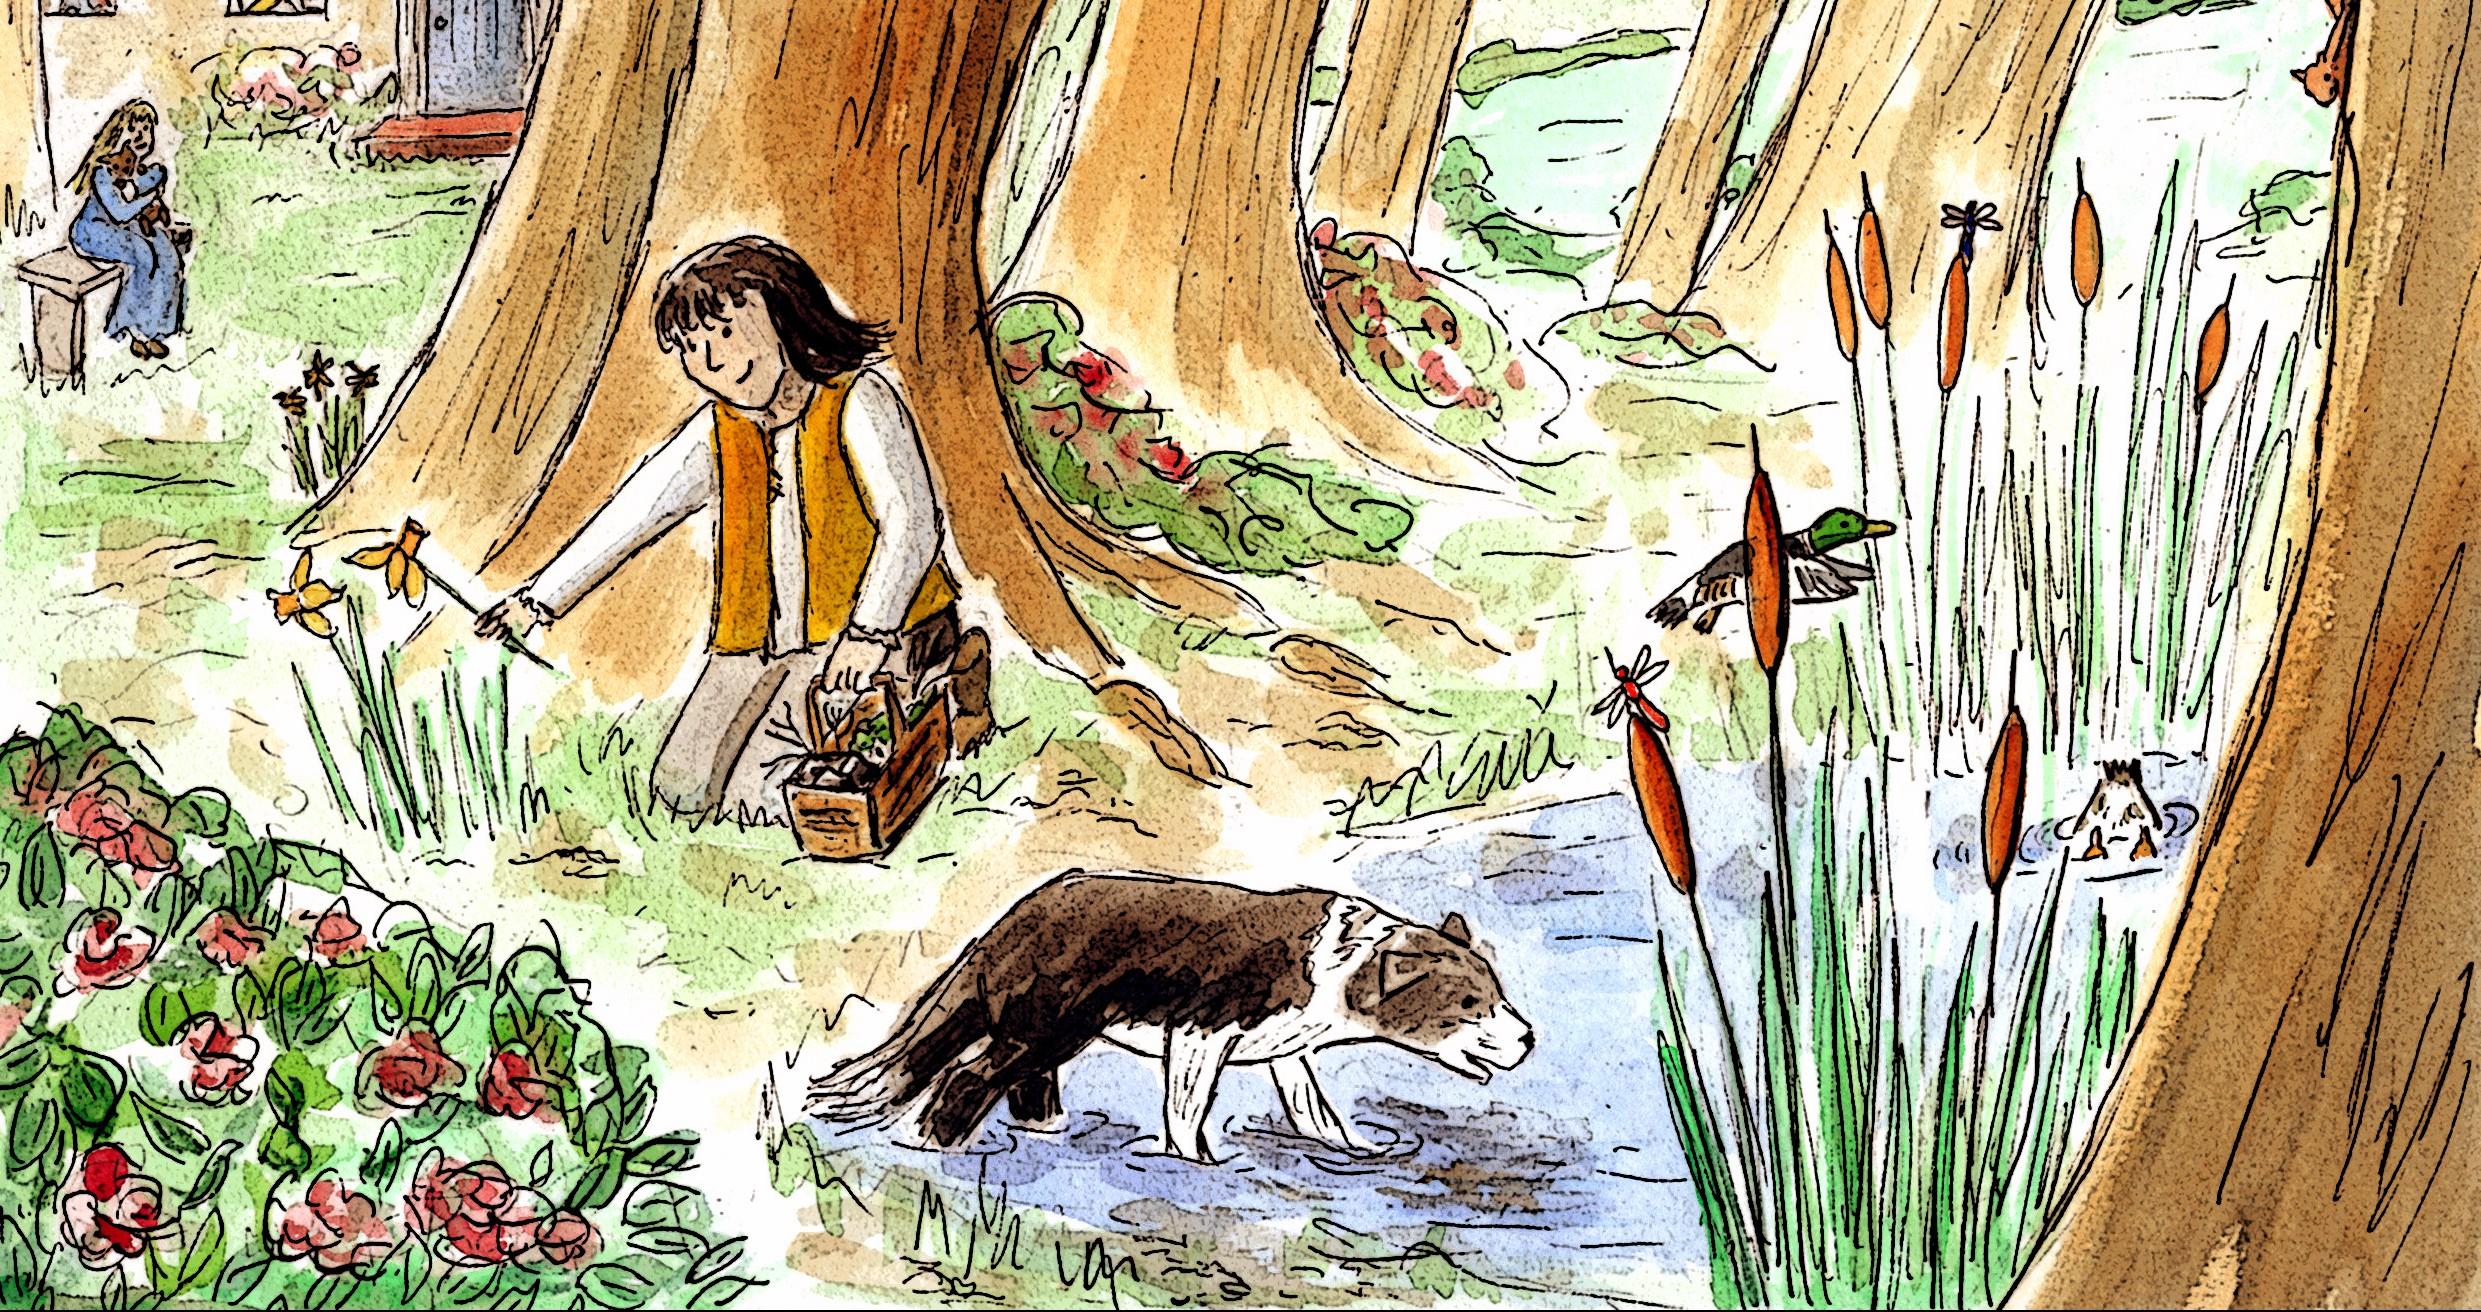 picture-1-woodland-scene-e1451320495556